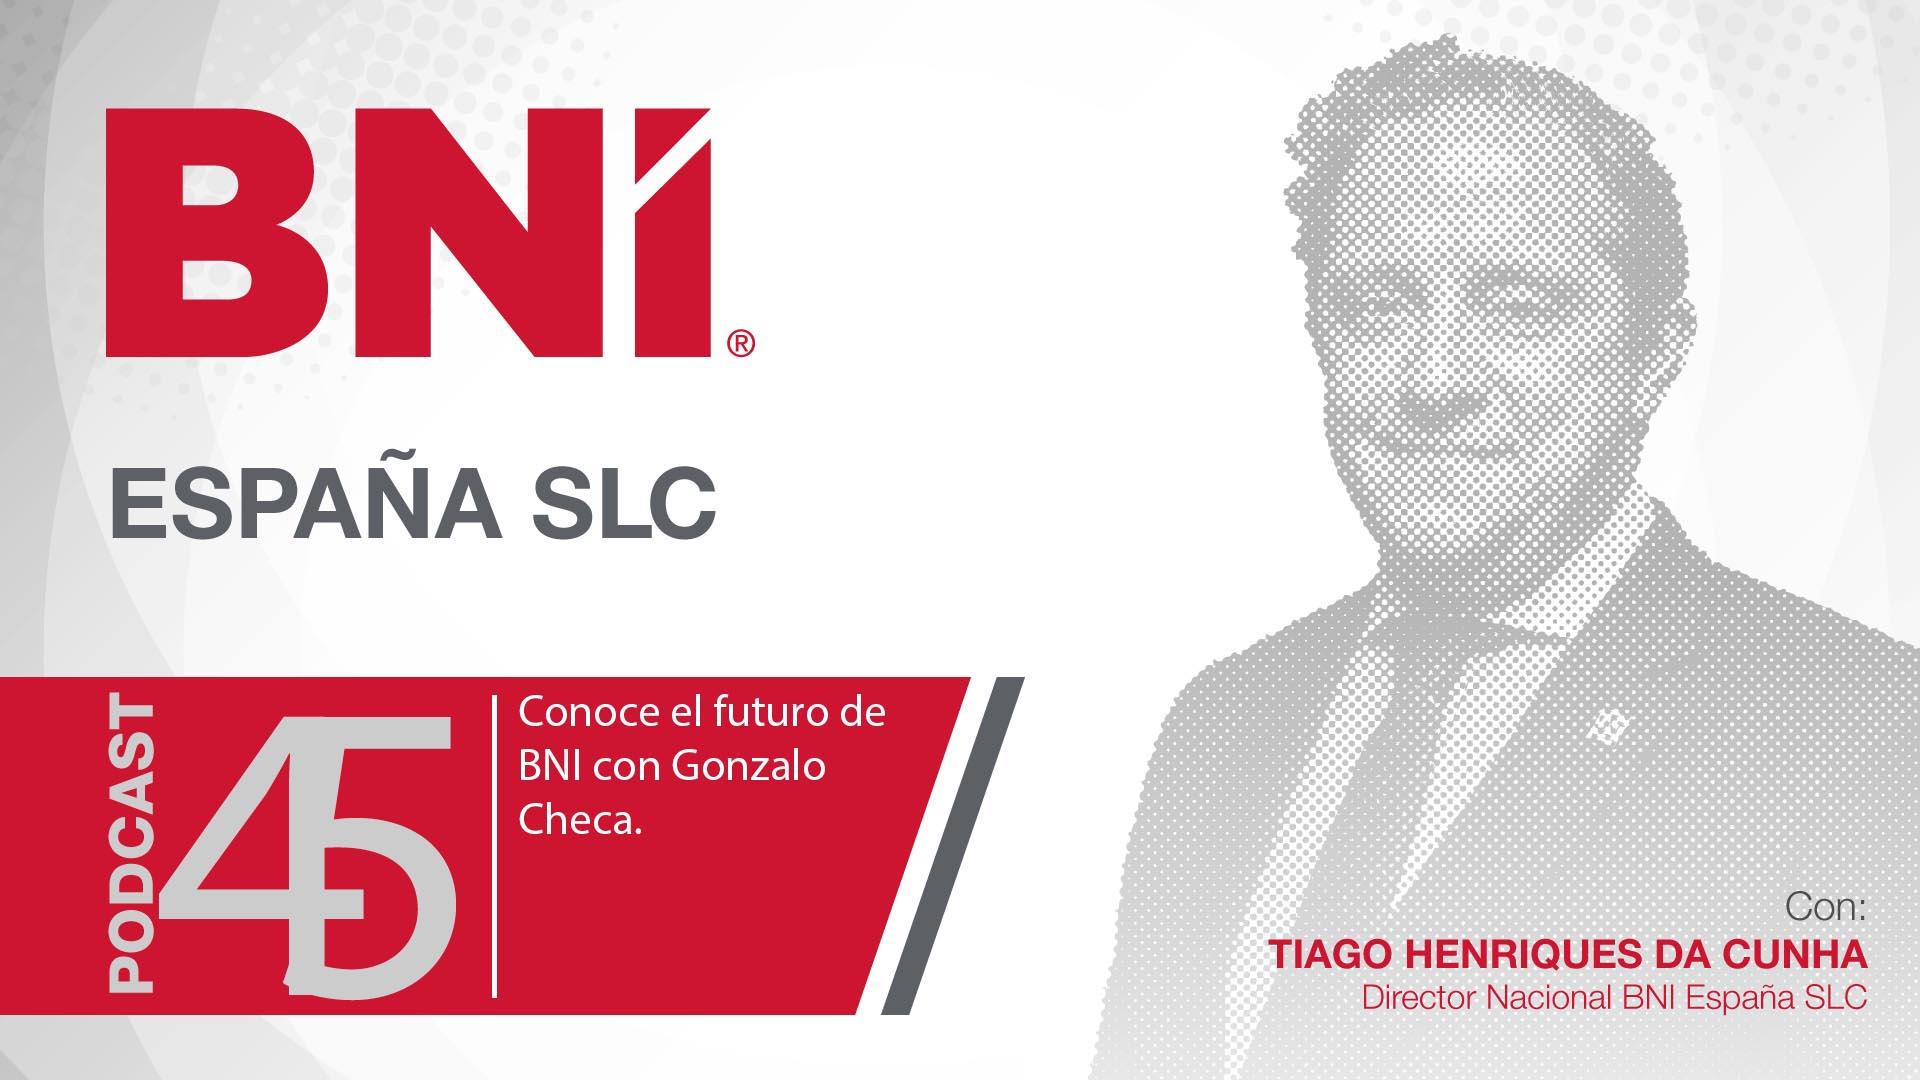 EPISODIO 45 – CONOCE EL FUTURO DE BNI CON GONZALO CHECA